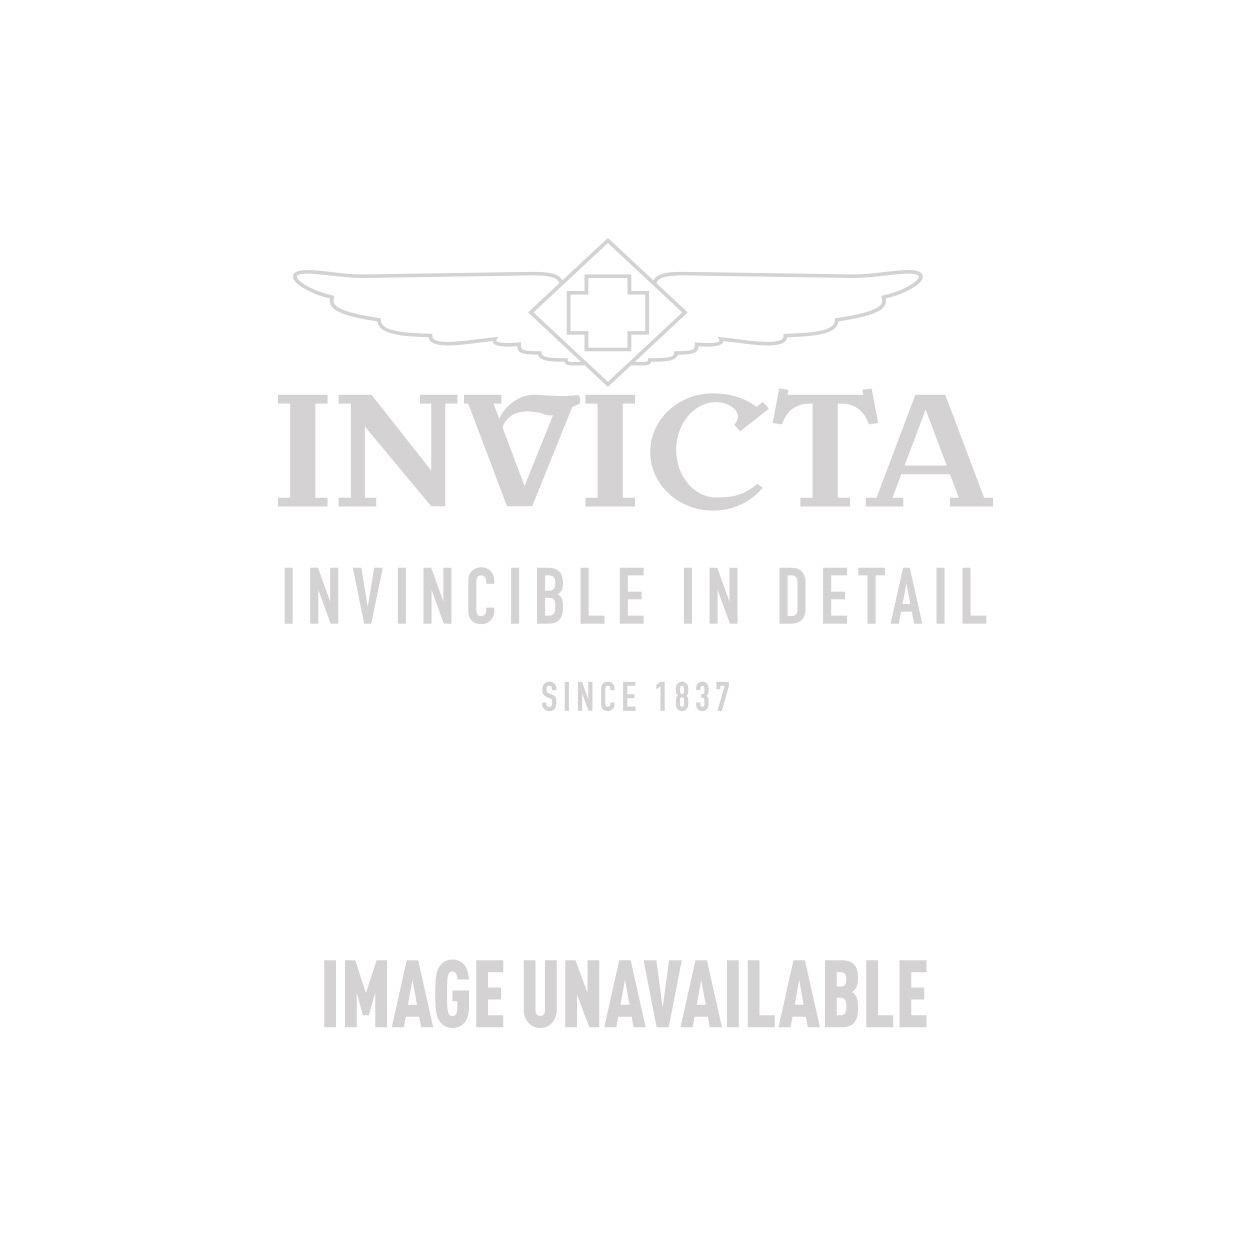 Invicta Venom  Quartz Watch - Gold case Stainless Steel band - Model 10798